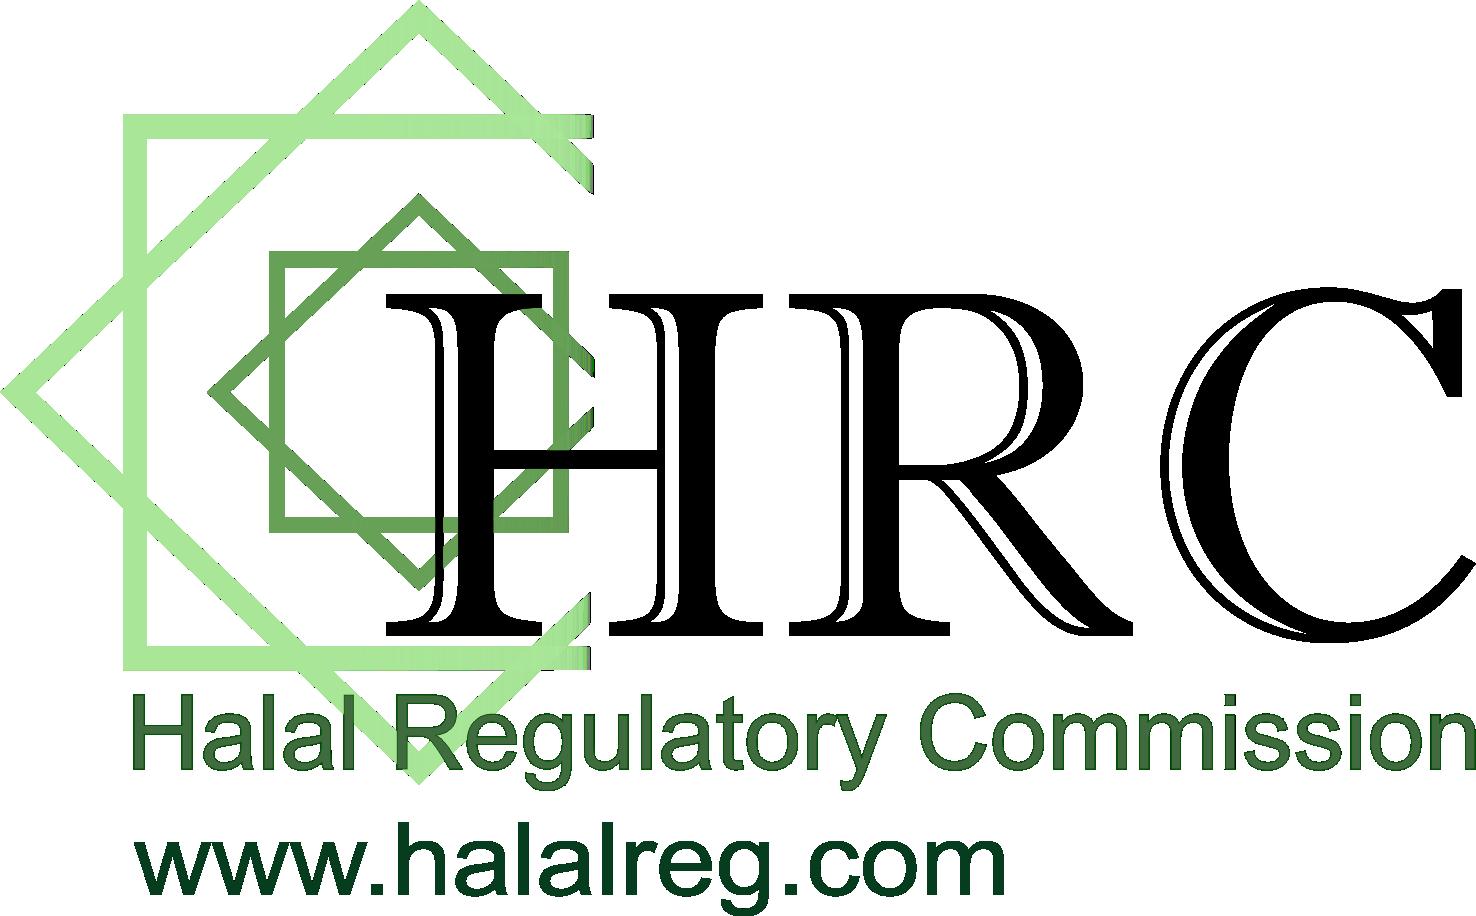 Halal Regulatory Commission